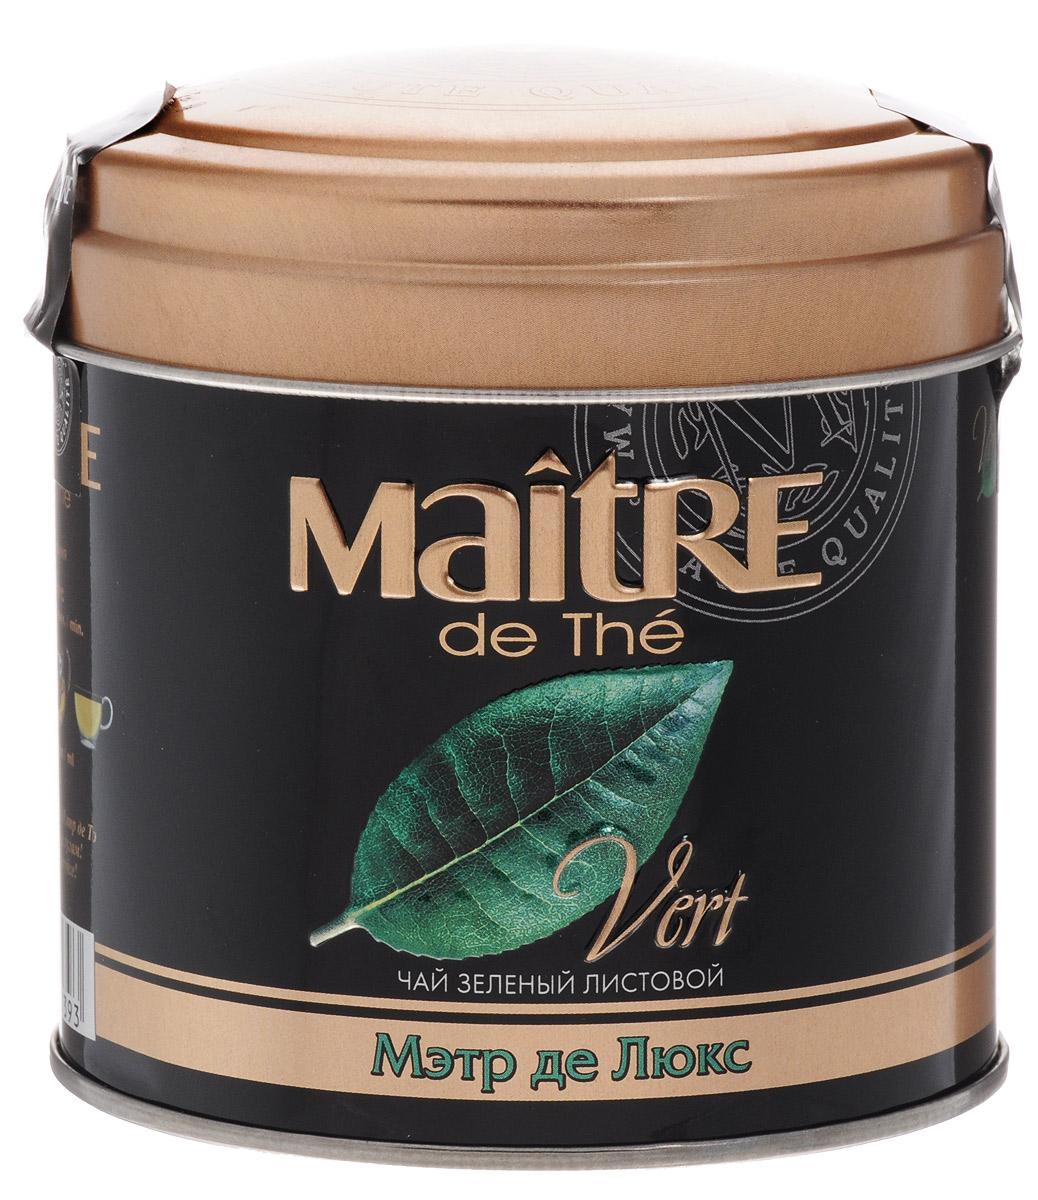 Maitre de The Де Люкс зеленый листовой чай, 65 г (жестяная банка)бар170рMaitre de The Де Люкс Зеленый листовой чай - это необыкновенный чай, сочетающий изысканный сладкий аромат белого чая со вкусом и полезными свойствами зеленого чая. Белые чайные листочки придают настою яркий прозрачный цвет.